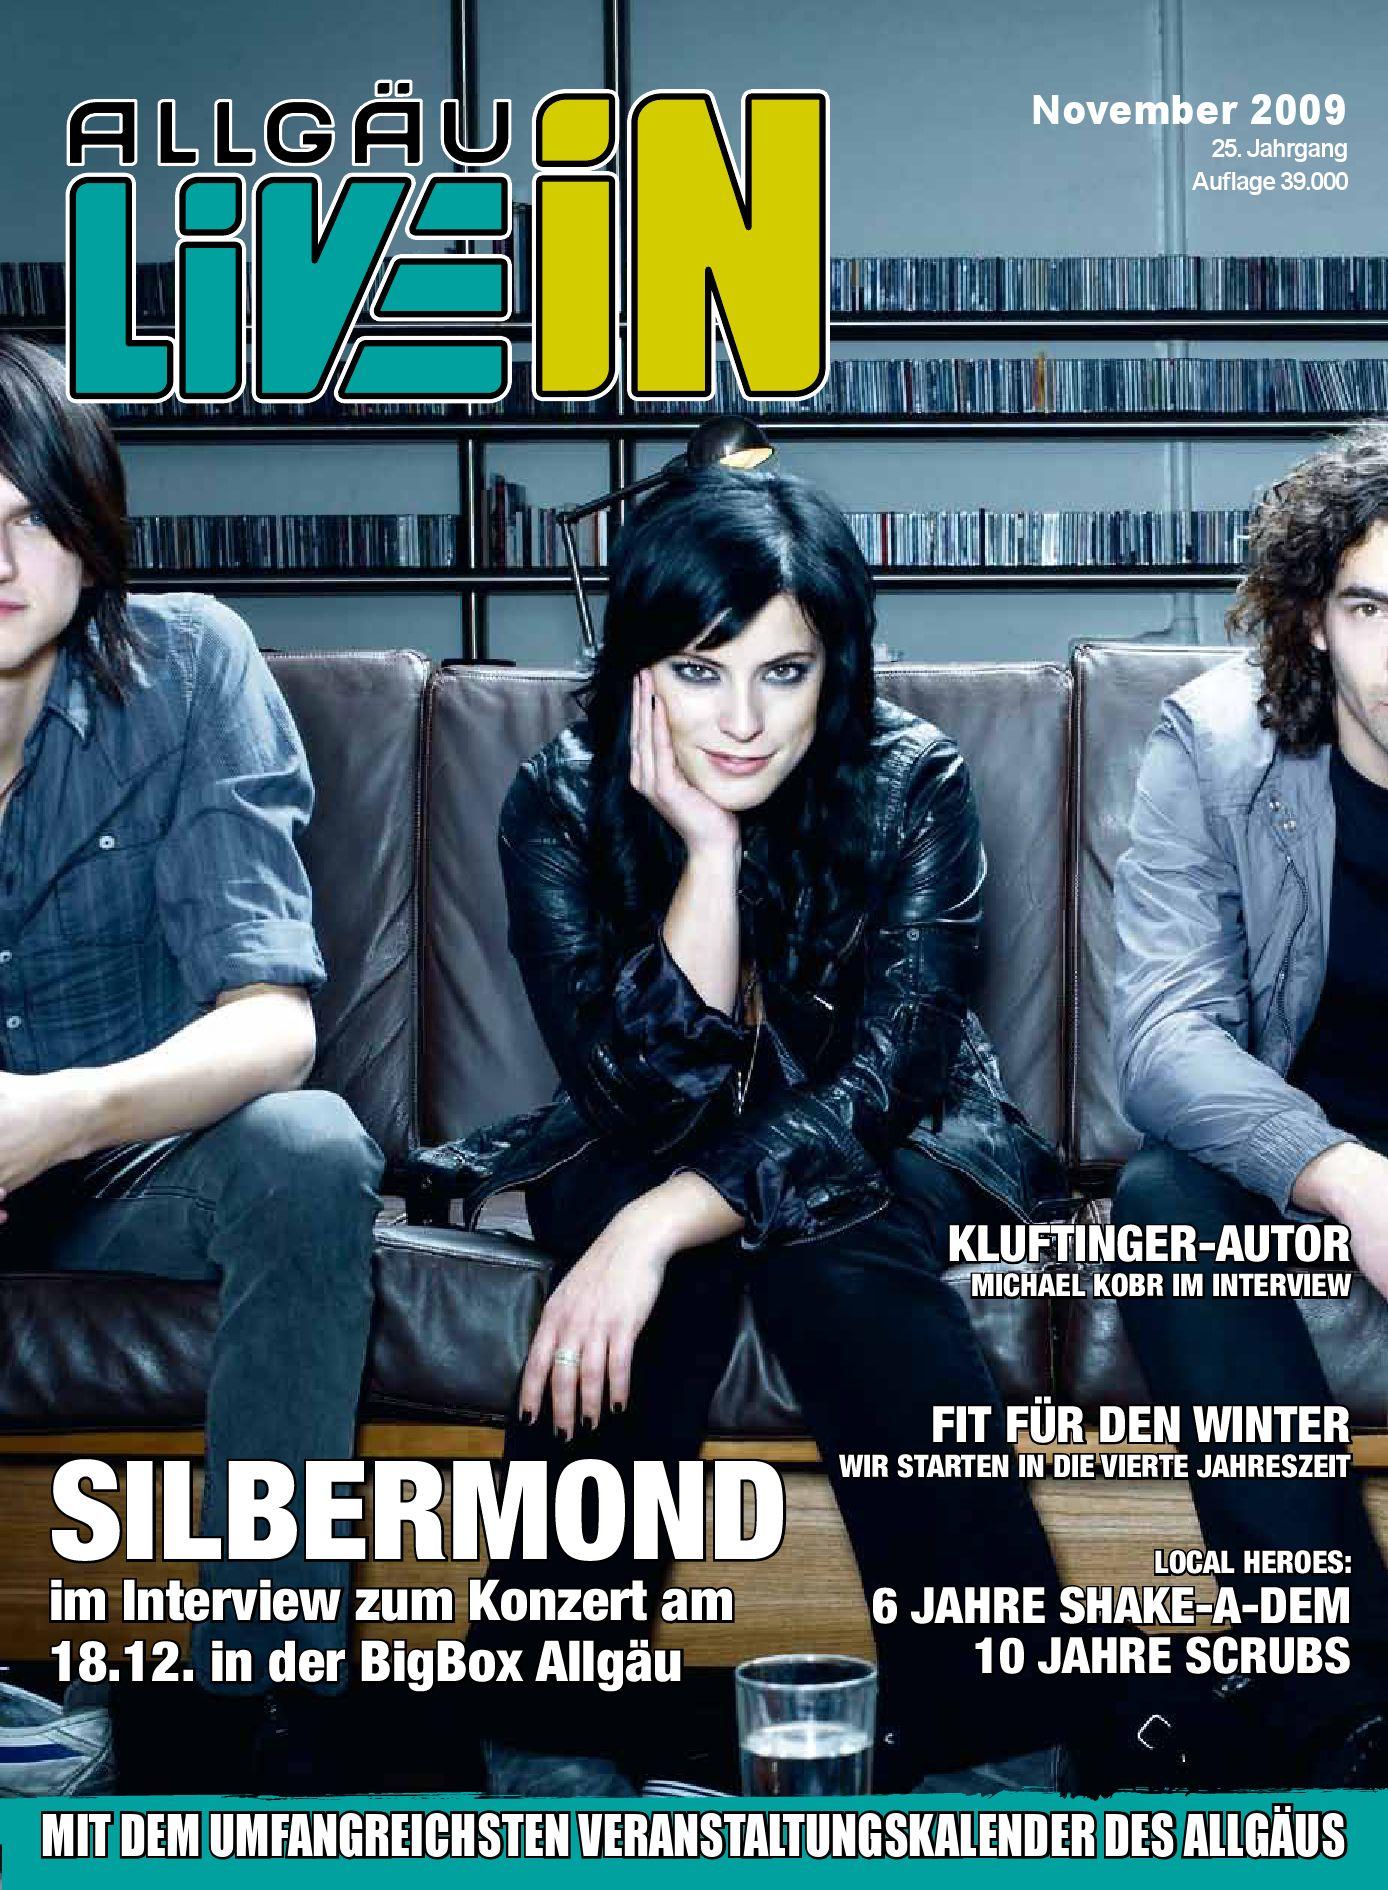 Allgau Live In Ausgabe 11 2009 By Live In Verlag Issuu